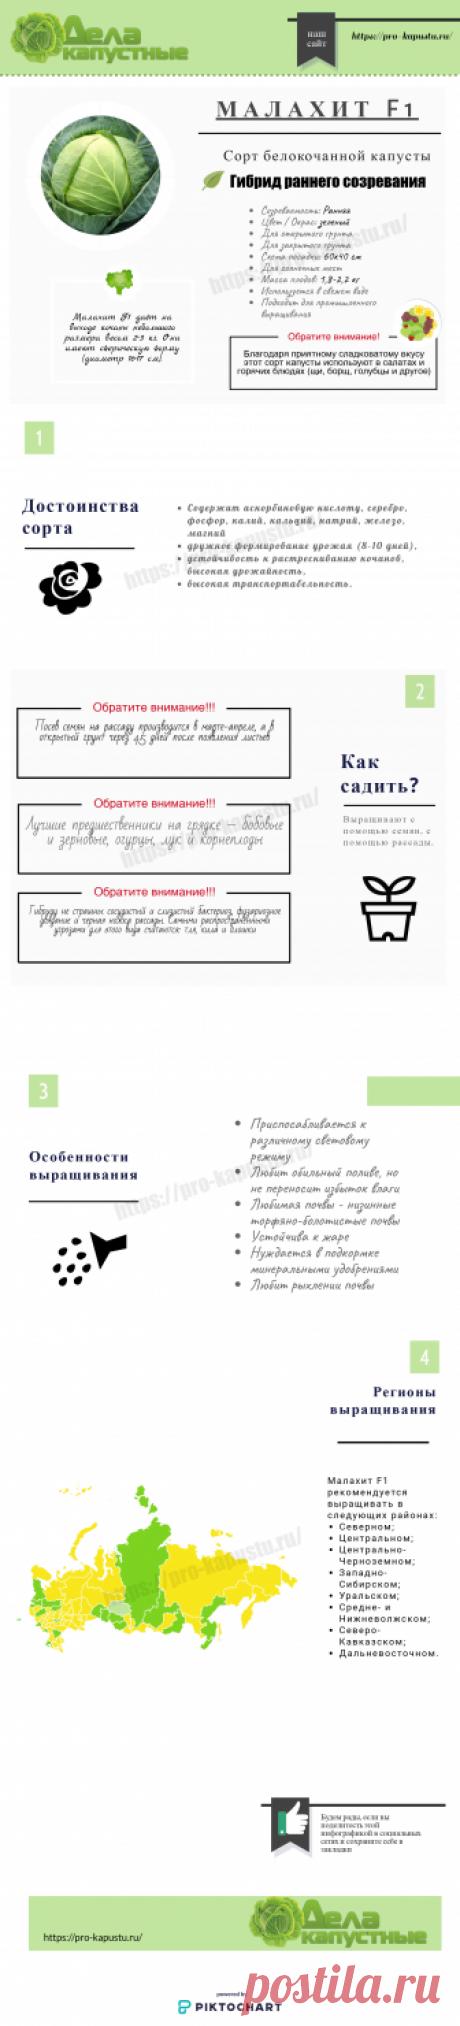 Капуста белокочанная Малахит F1 - описание сорта и применение